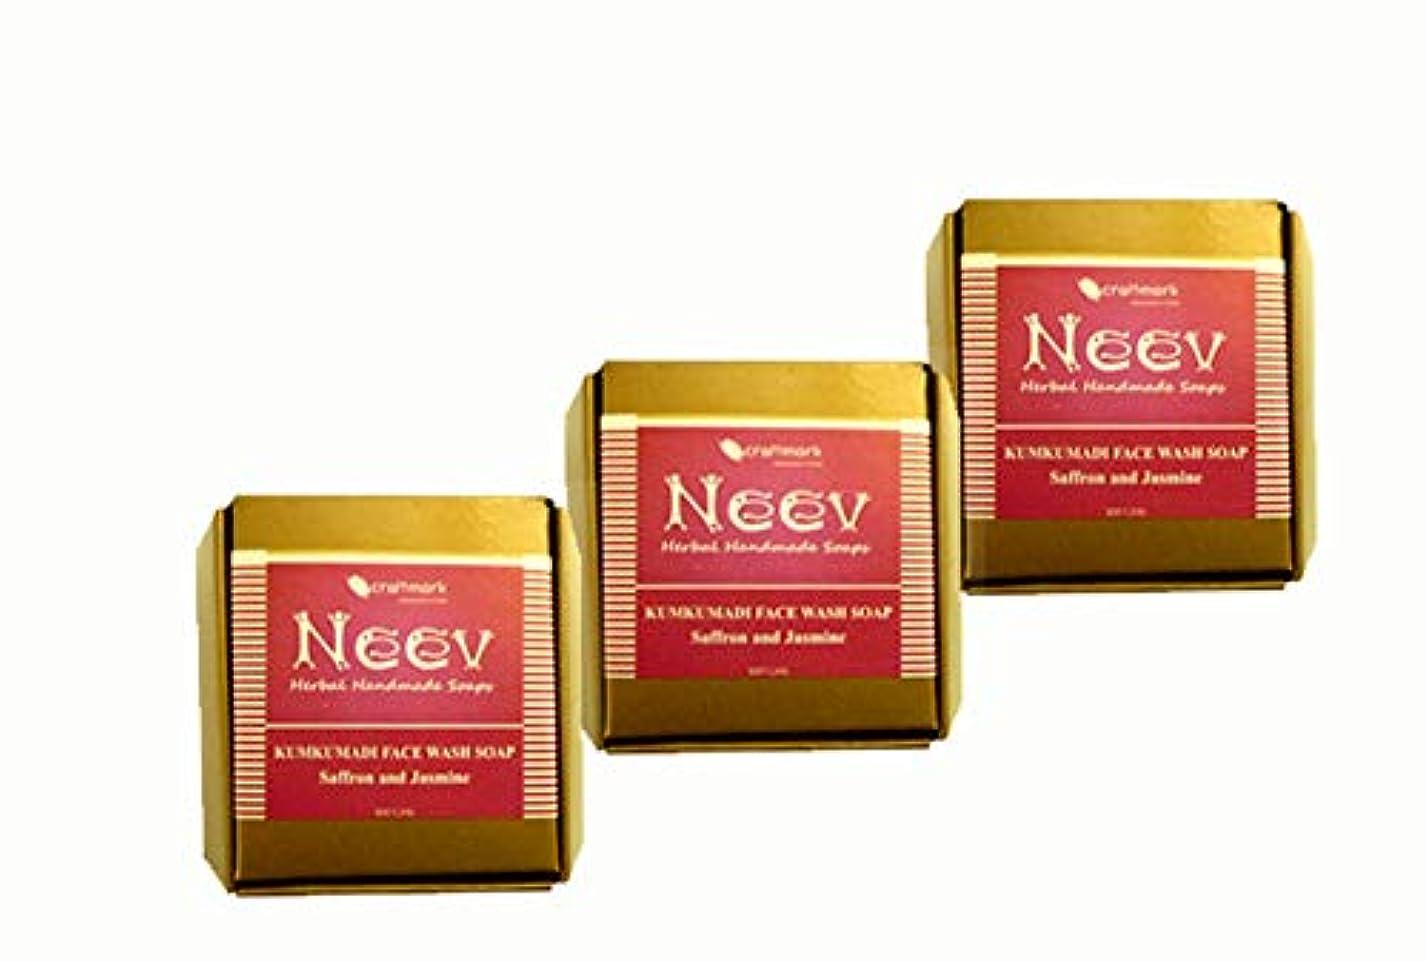 該当するお尻あたり手作り ニーブ クンクマディ フェイス ウォシュ ソープ 3セット AYURVEDA NEEV Herbal KUMKUMADI FACE WASH SOAP Saffron AND Jasmin